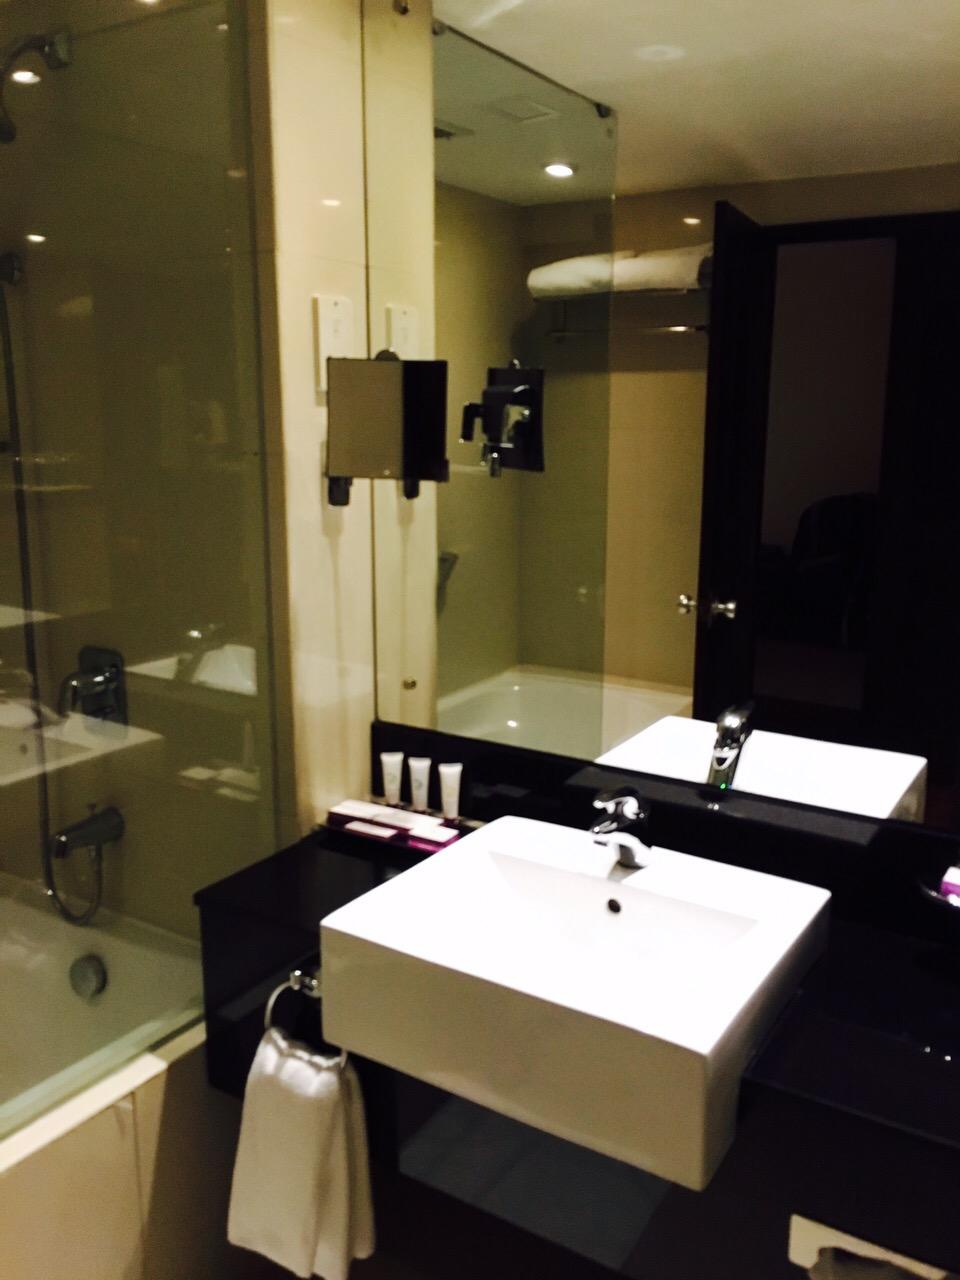 Bathroom at Cinnamon Lakeside